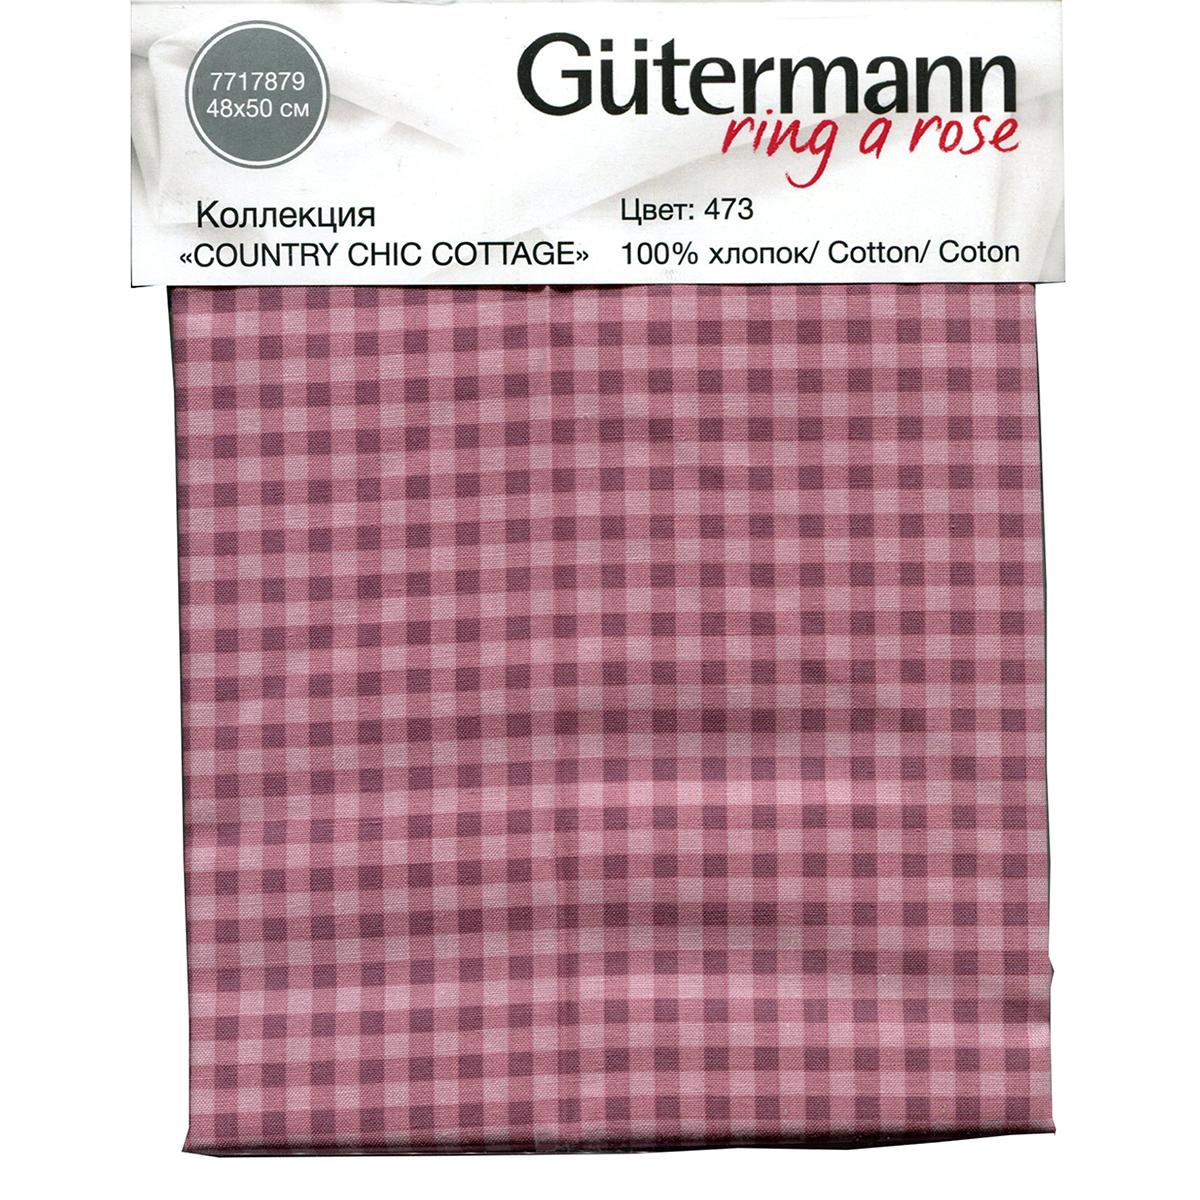 Ткань Gutermann Country Chic Cottage, 48 х 50 см. 649368_4737717879-473Ткань Gutermann, изготовленная из 100% натурального хлопка, идеально подойдет для шитья одежды, постельного белья, декорирования. Ткань не линяет, не осыпается по краям и не дает усадки.